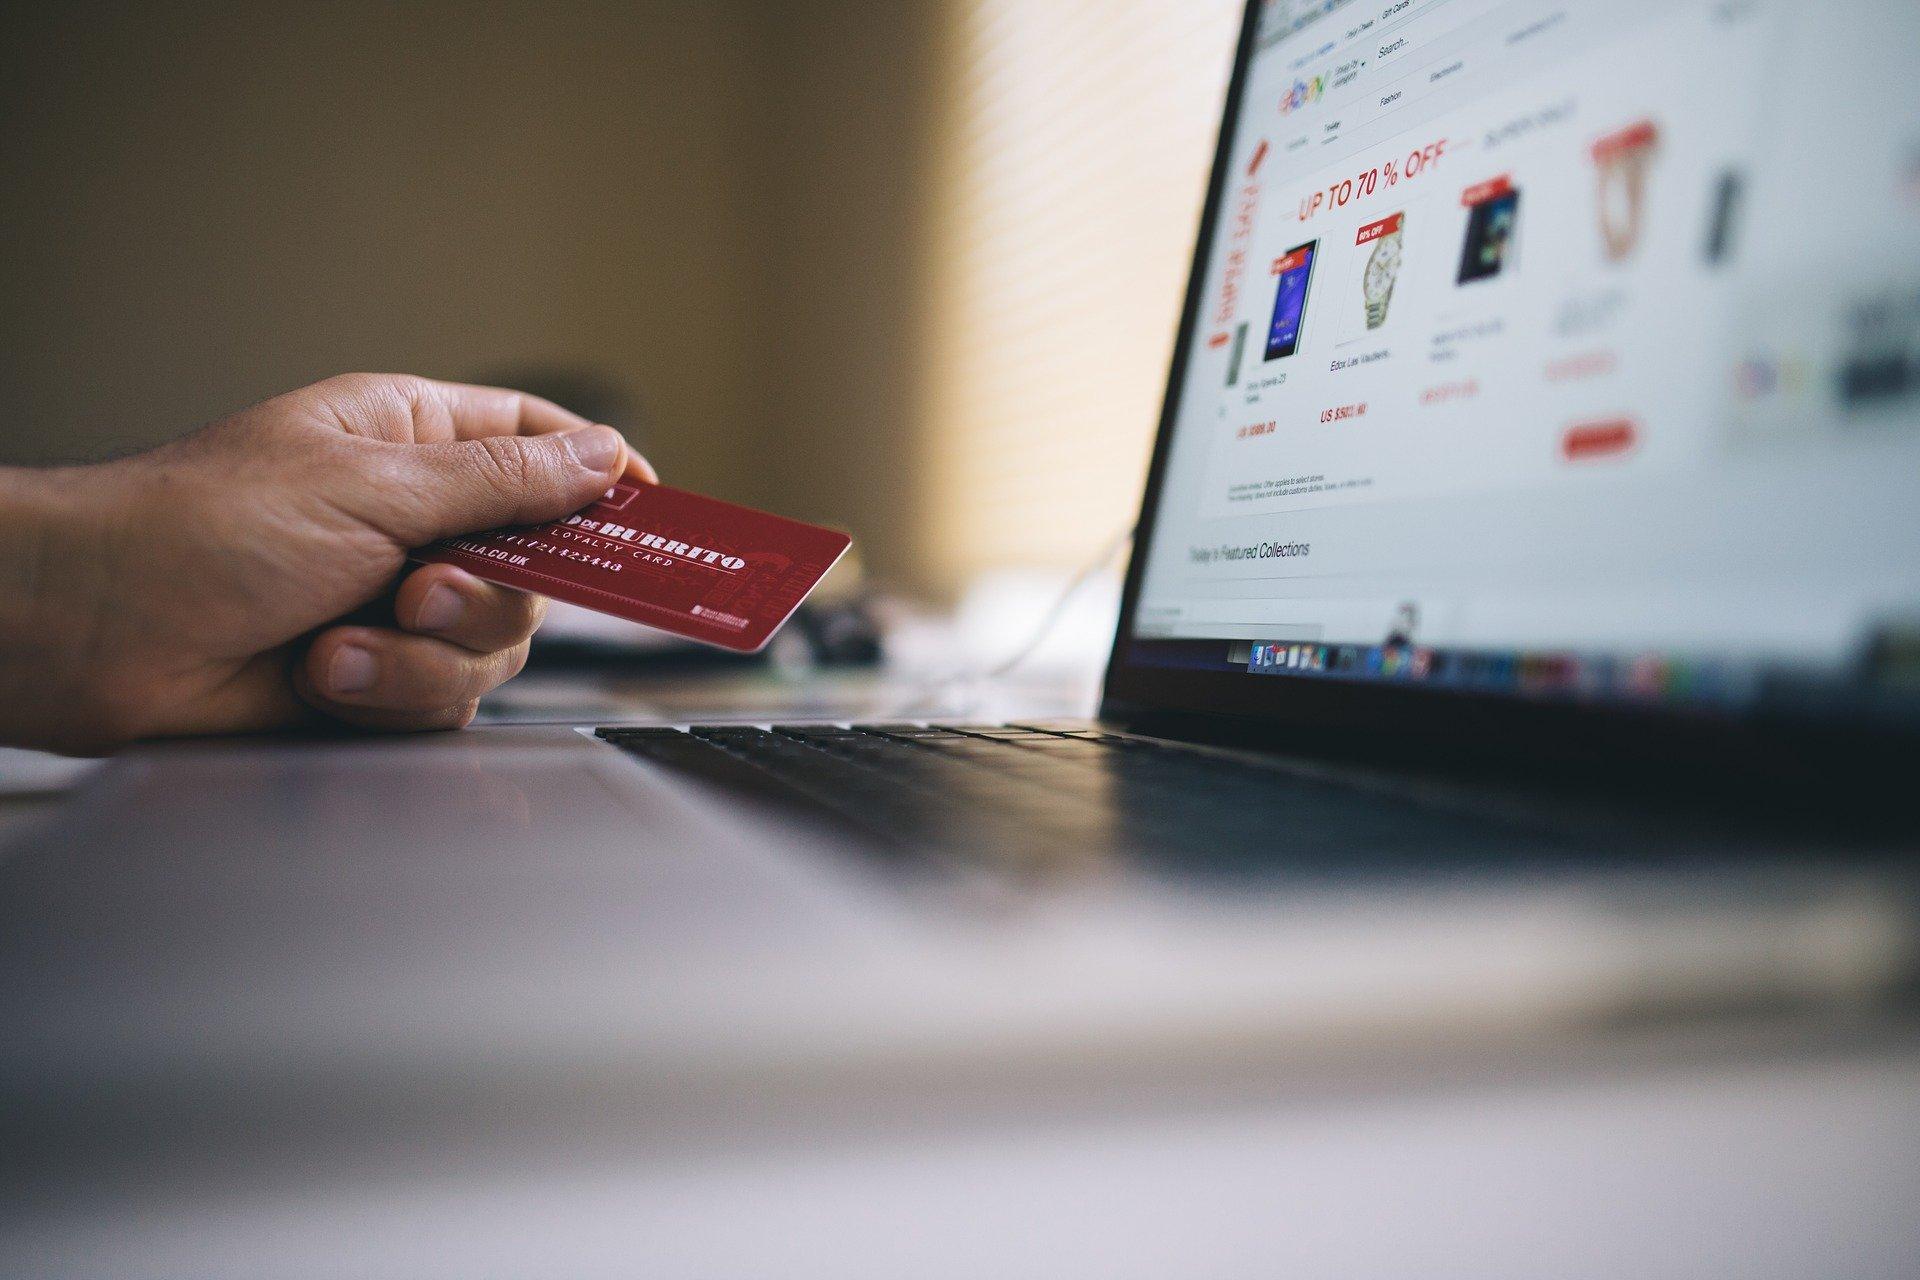 Cuidado! As fraudes com cartões de crédito aumentaram durante a pandemia!